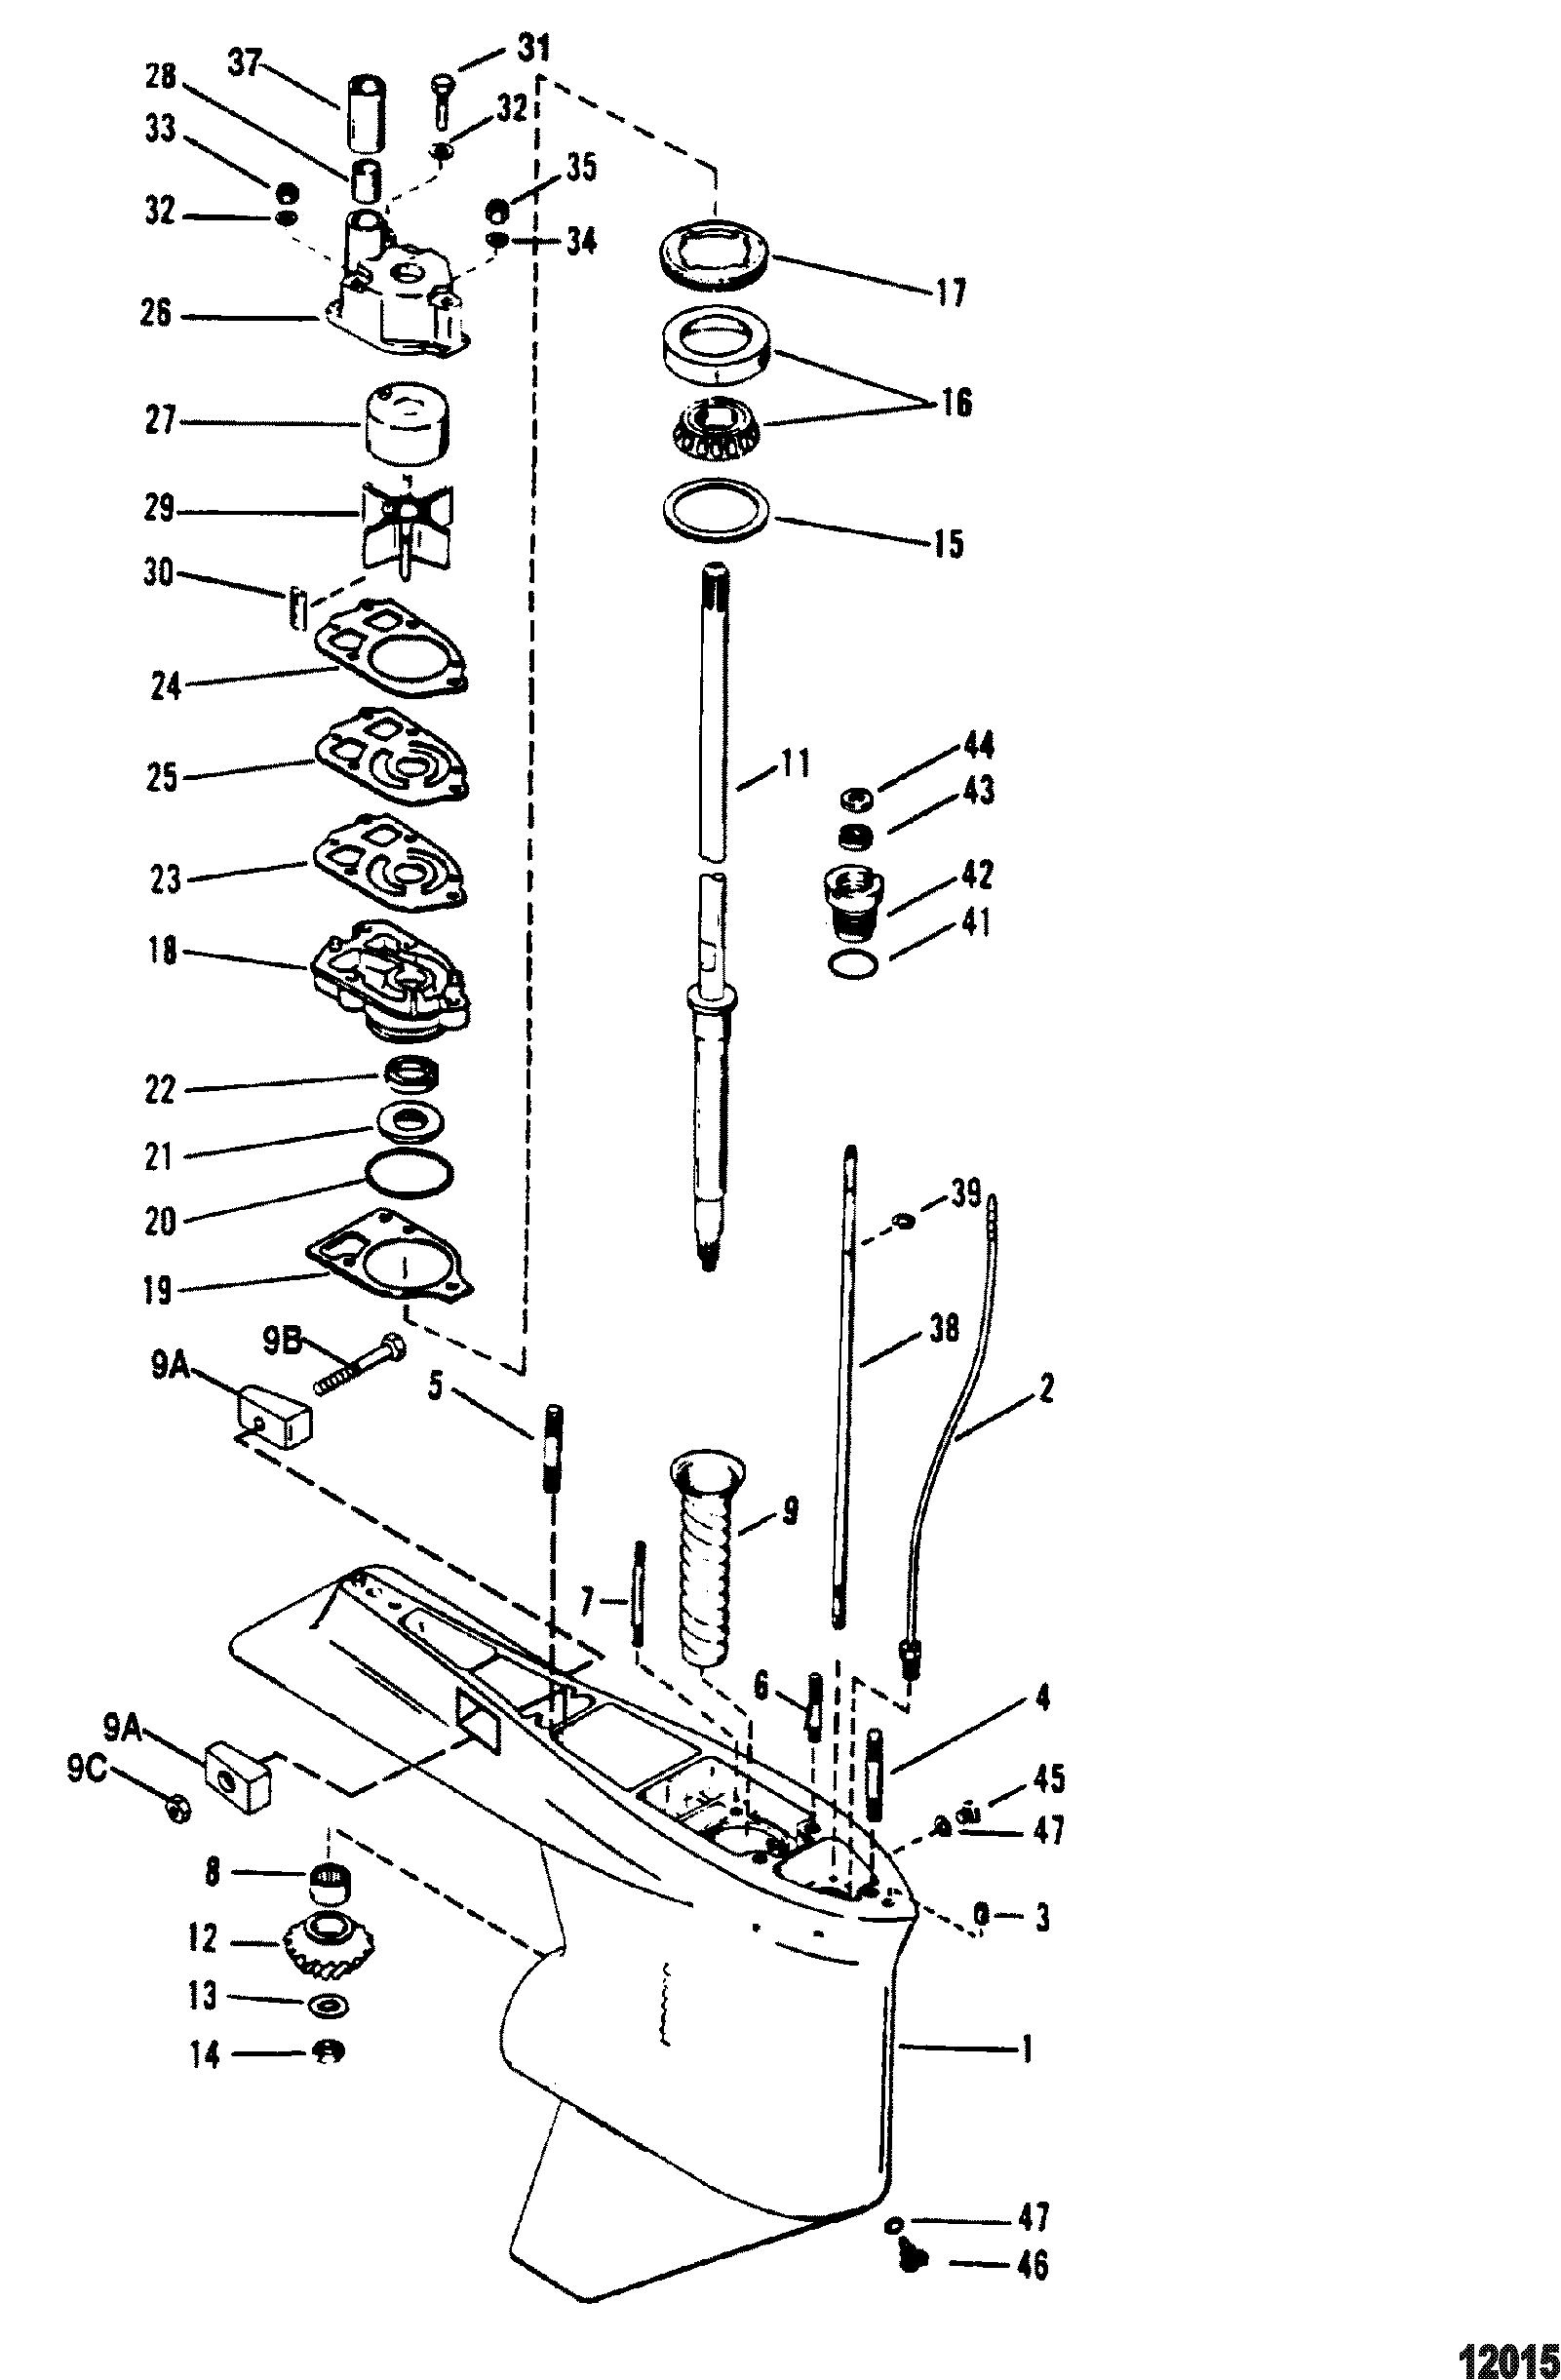 Gear Housing Drive Shaft 1 87 1 Gear Ratio 4 75 Torpedo